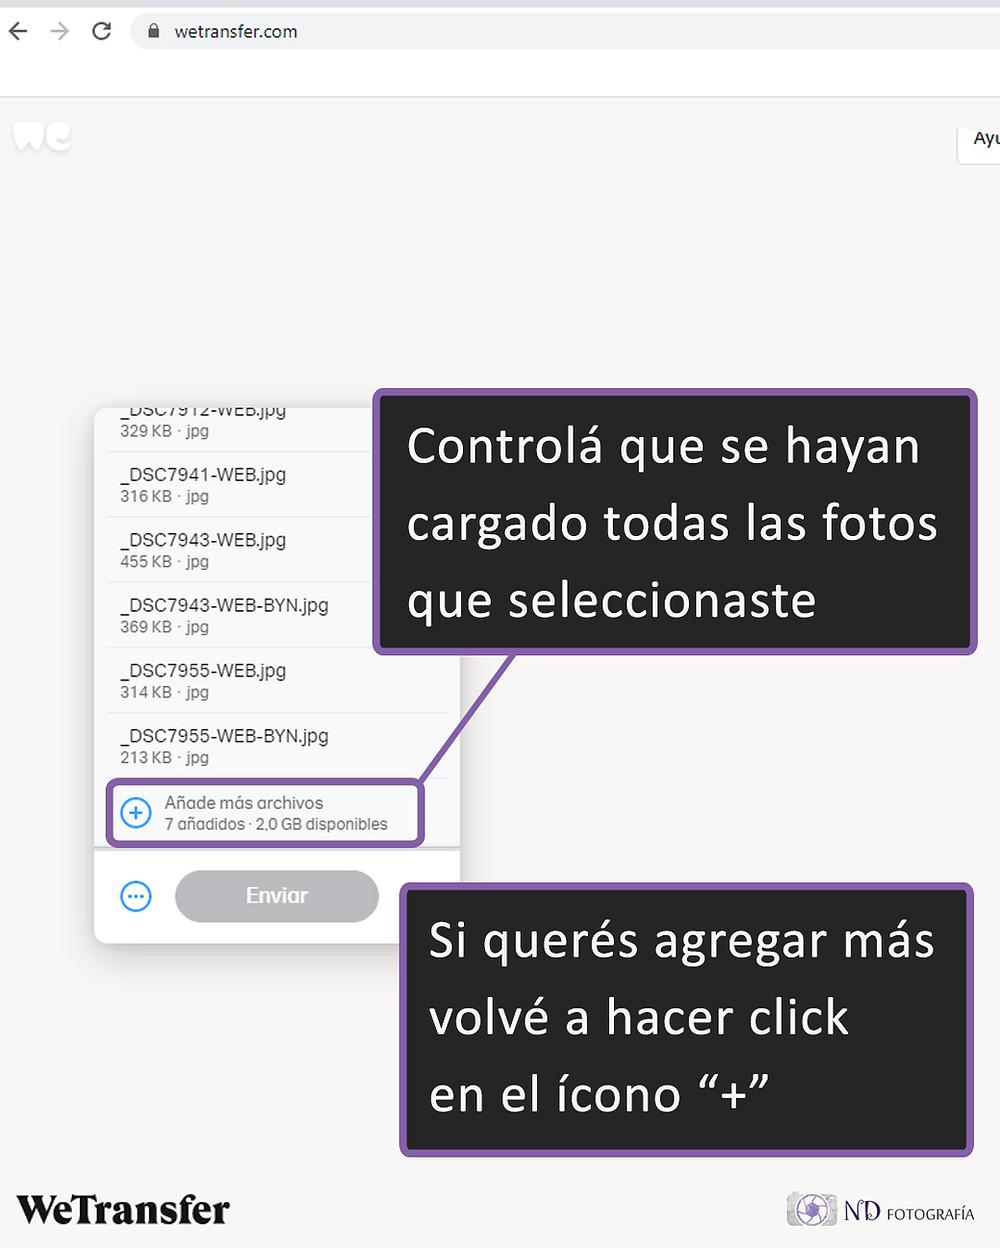 tutorial-para-mandar-fotos-online-wetransfer-paso4